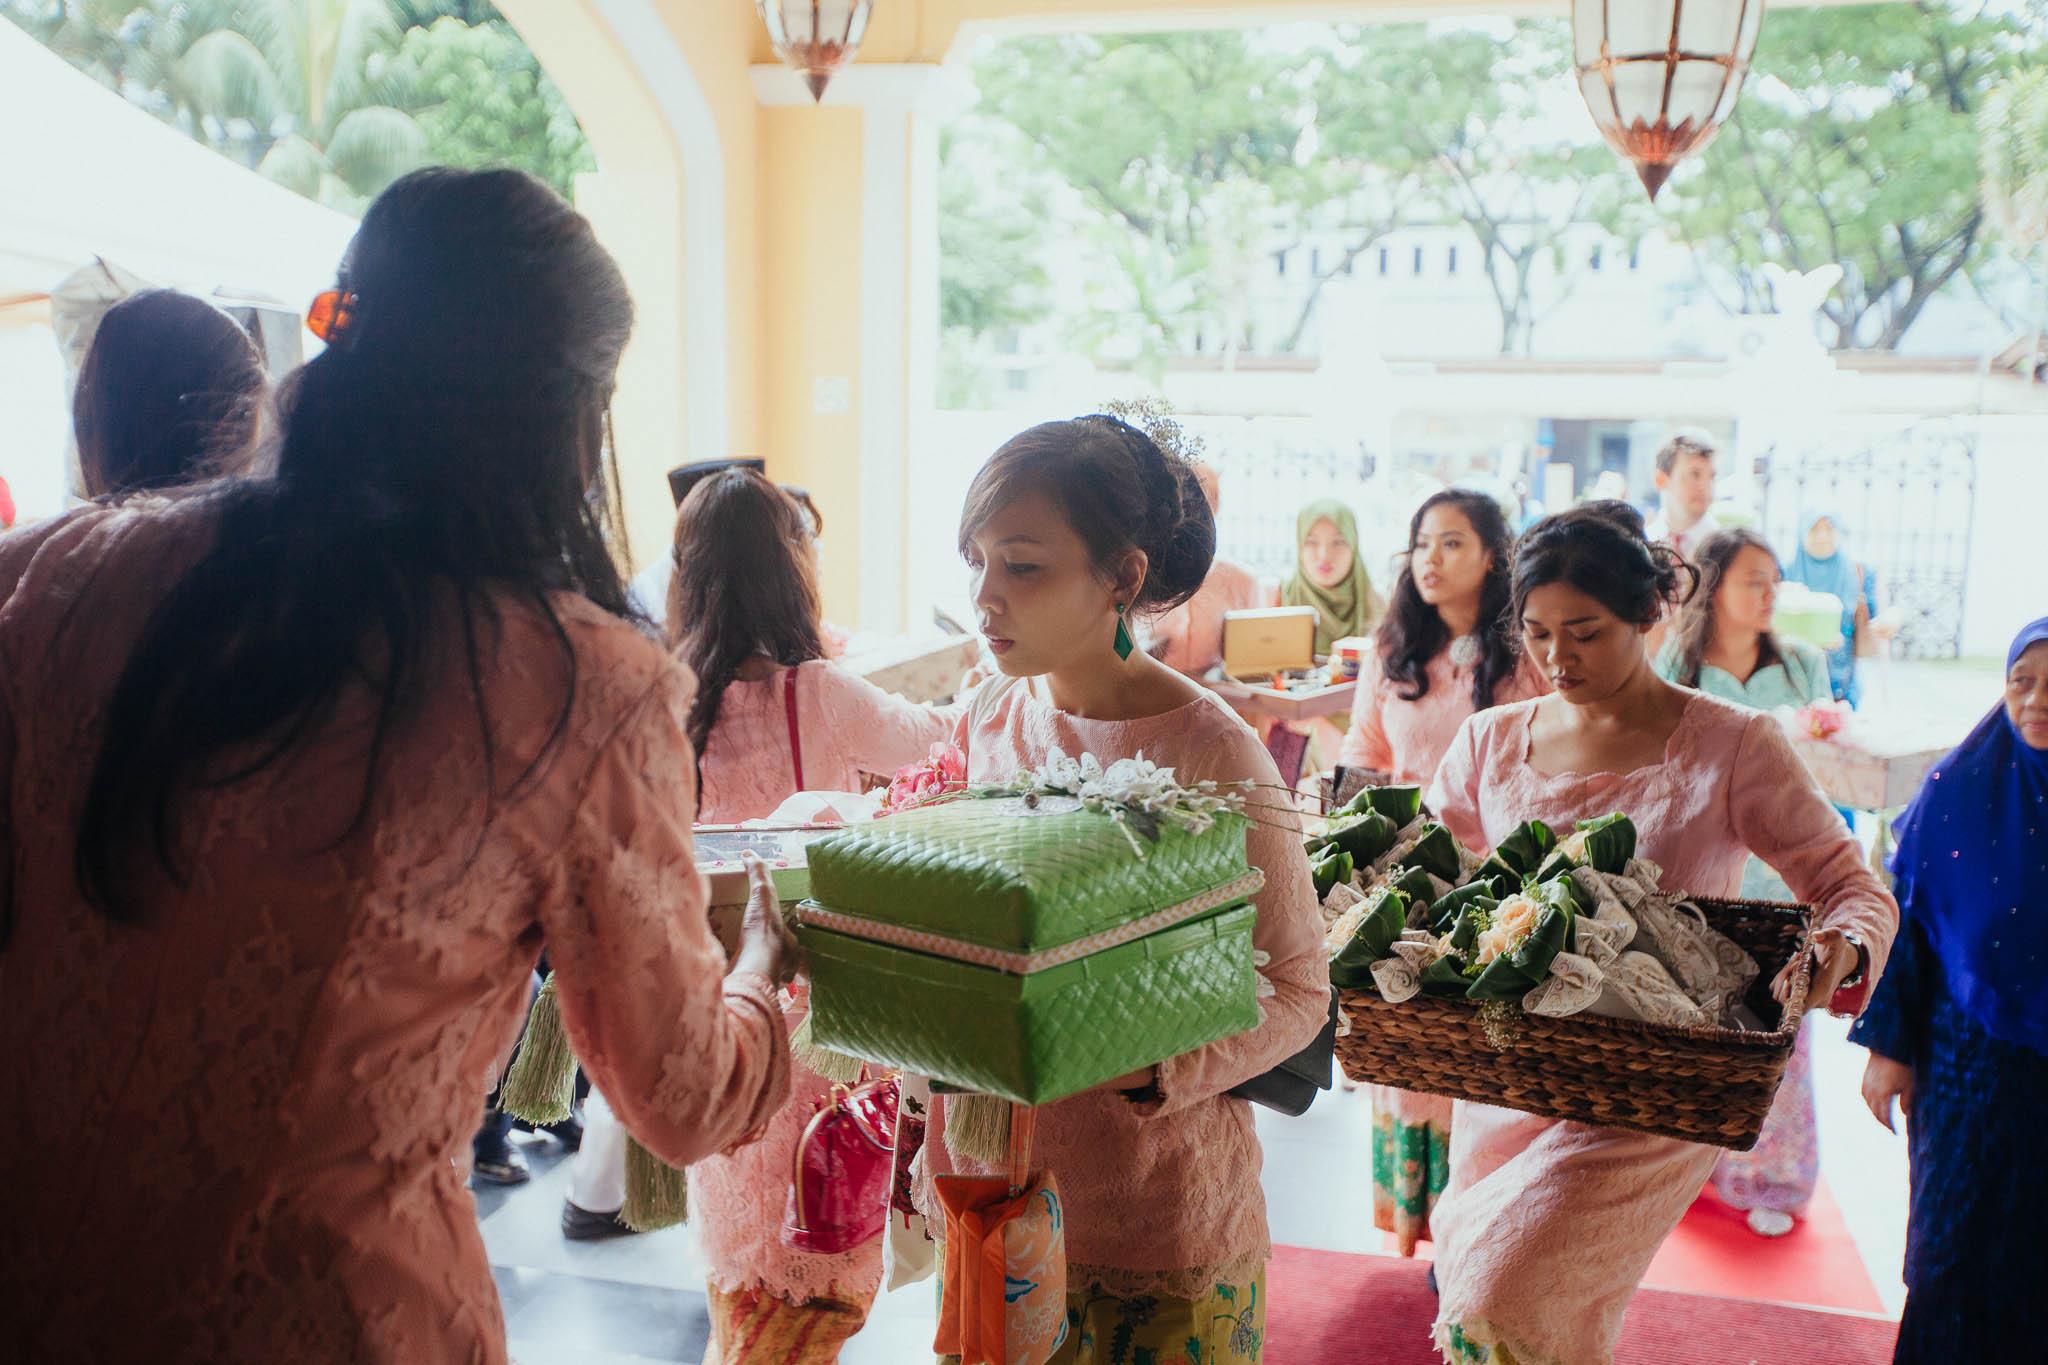 singapore-wedding-photographer-travel-wemadethese-atara-hafizah-09.jpg